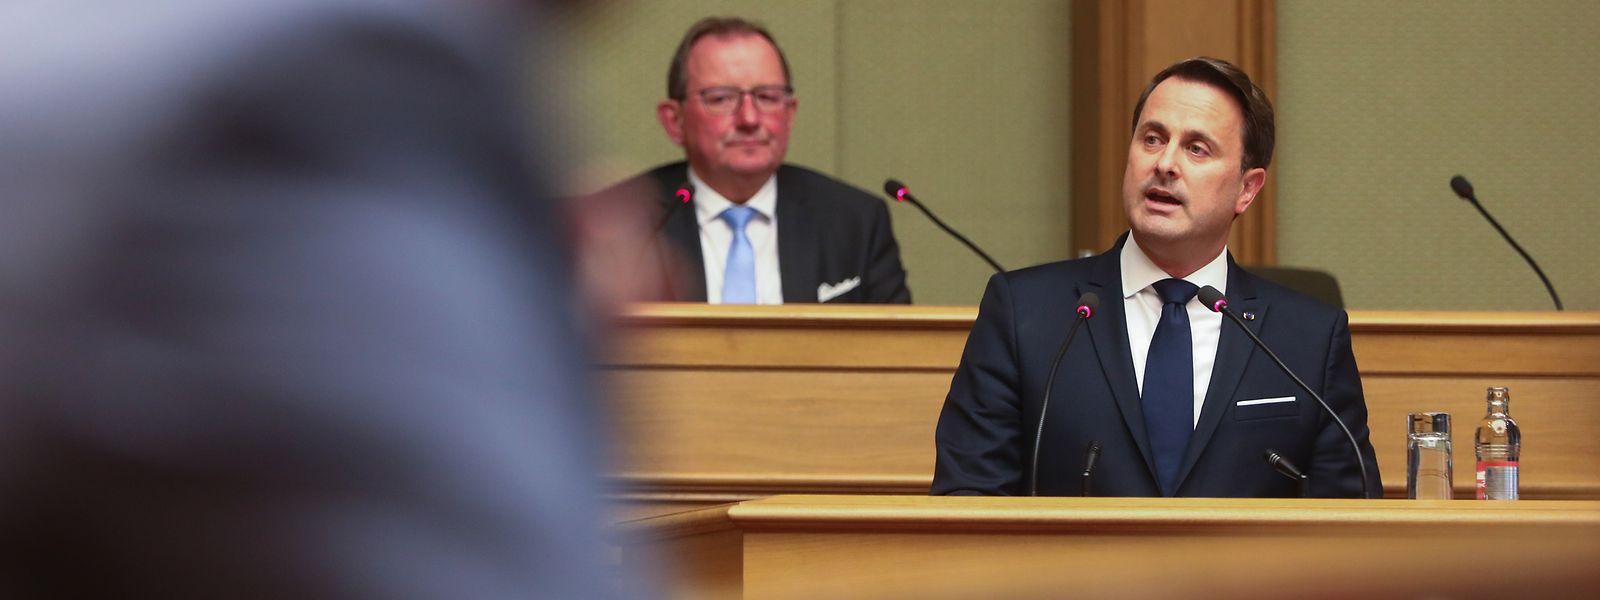 Letztes Jahr verlor Premier Xavier Bettel in seiner Rede zur Lage der Nation kein Wort über die Wohnungsproblematik. Dieses Jahr wird er nicht um hin kommen, dazu und zu Armut, steigenden Ungleichheiten und Schulden Stellung zu beziehen.